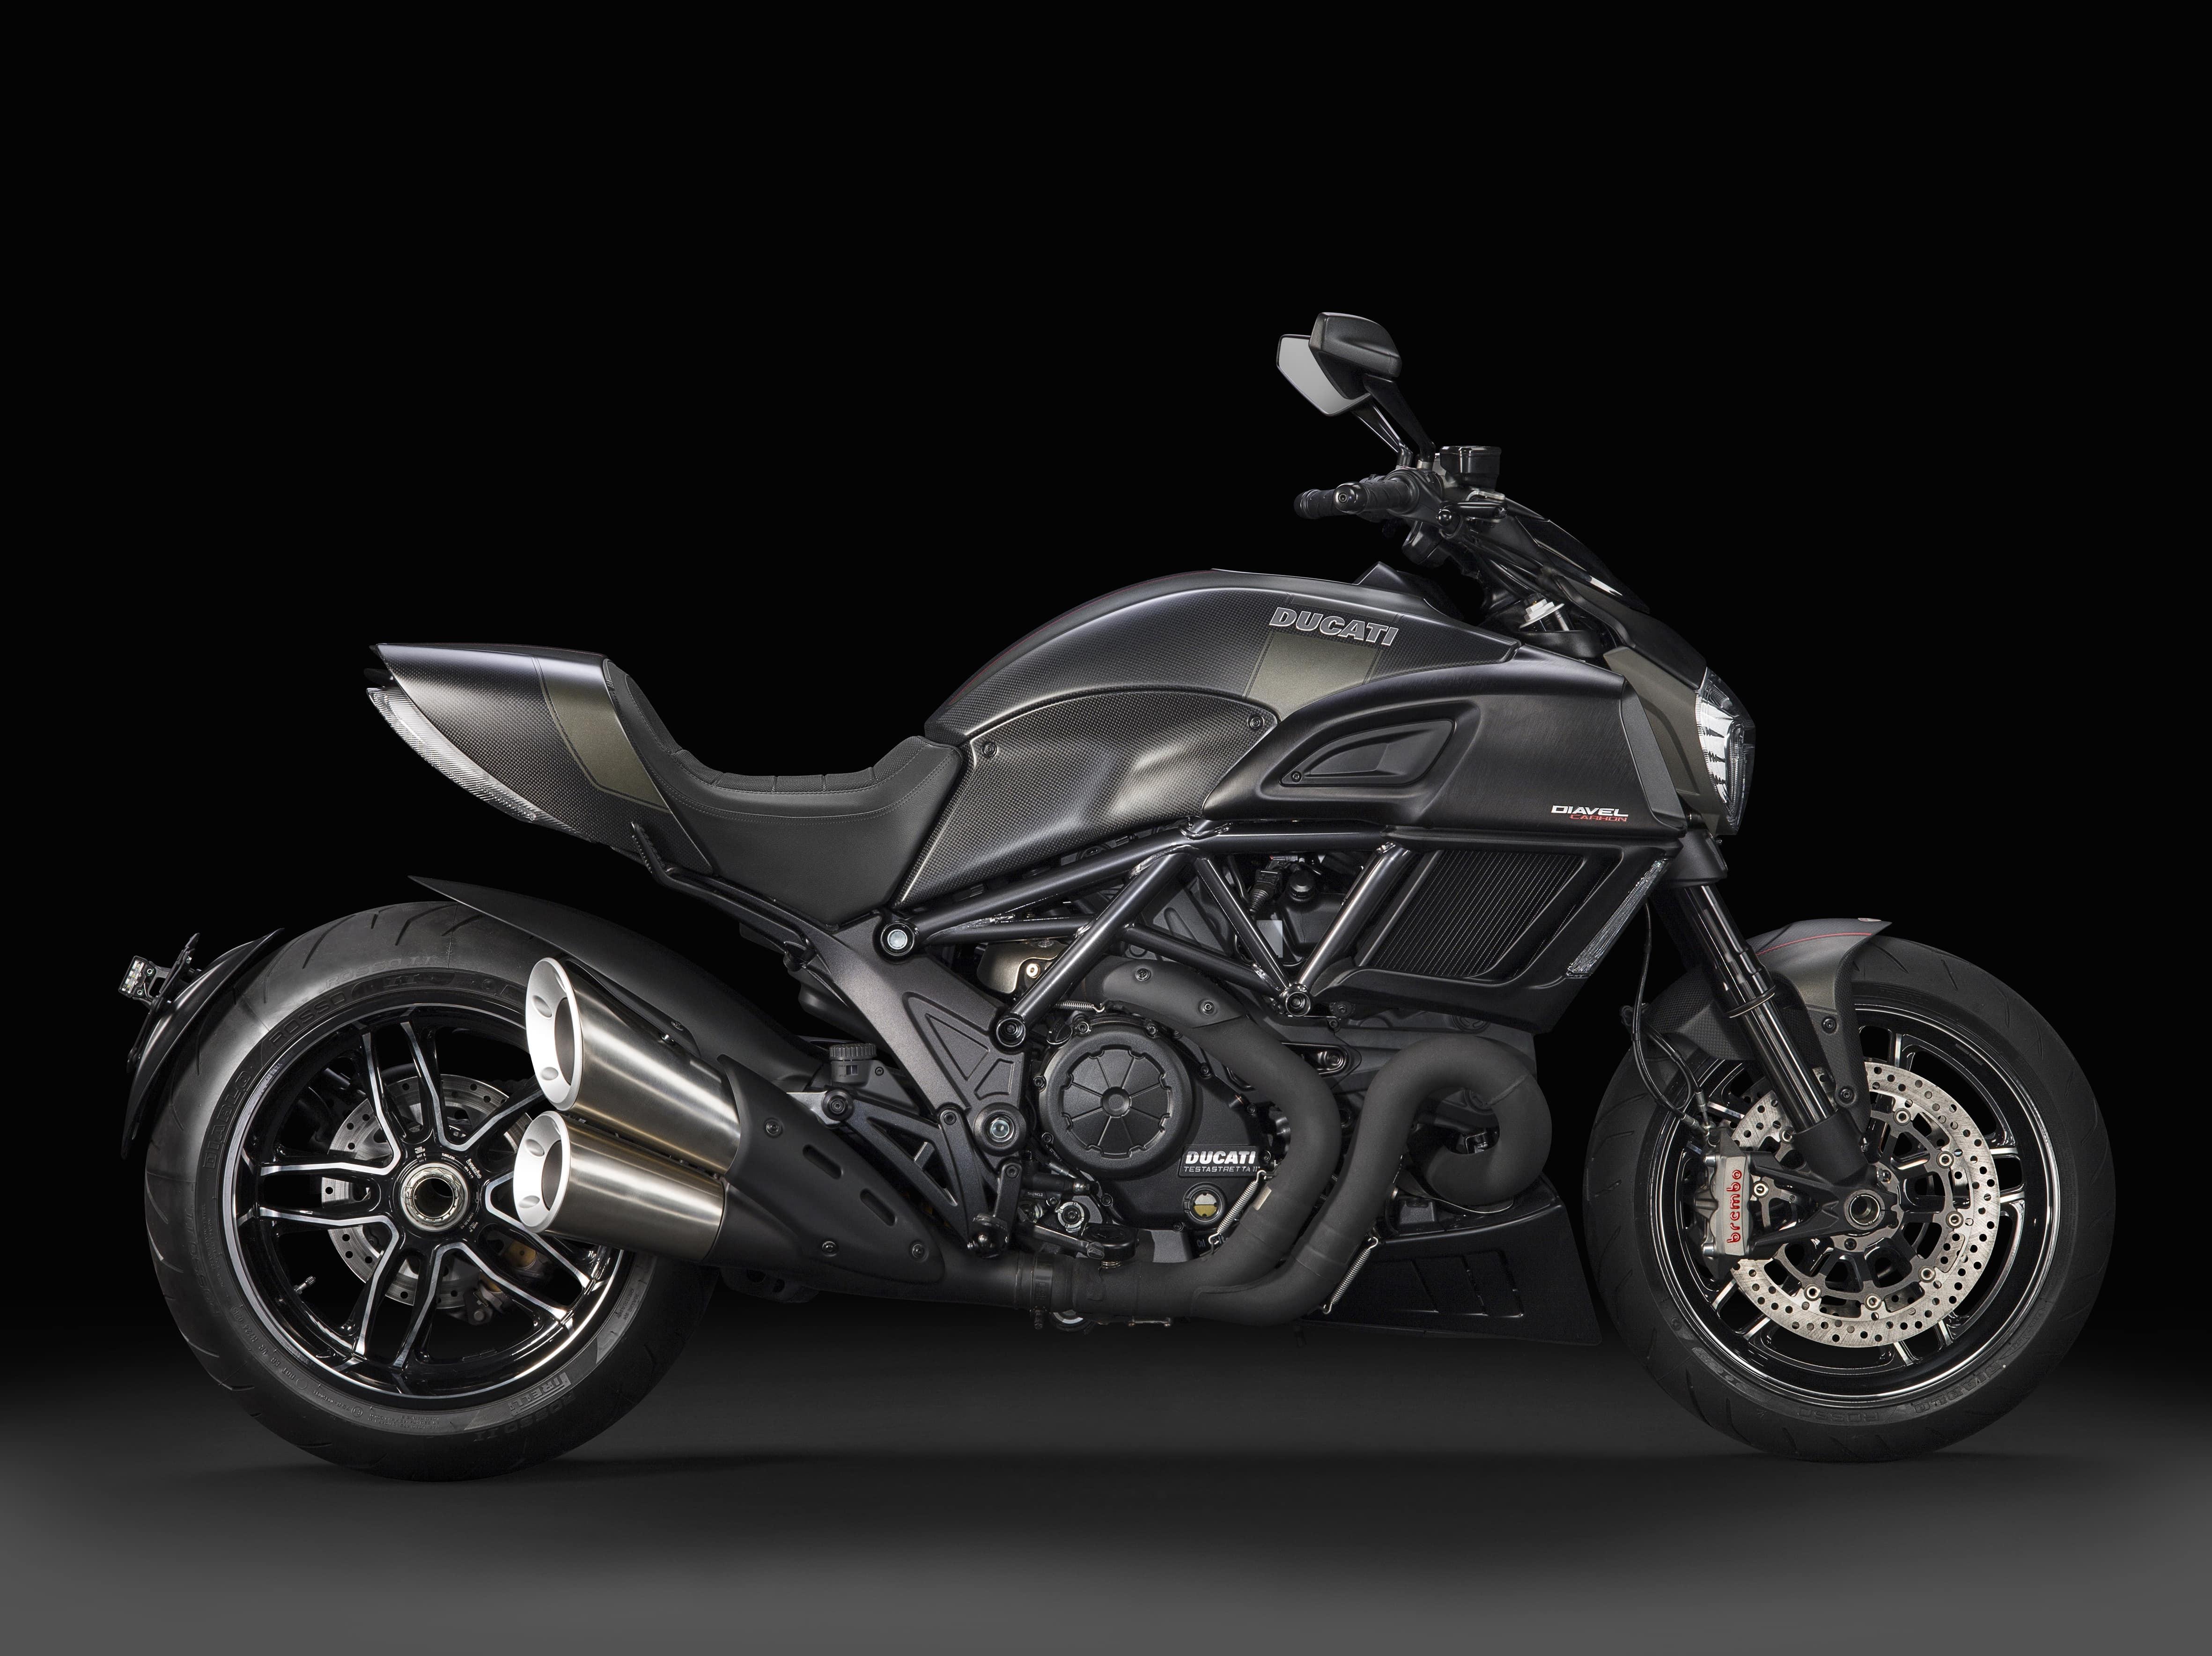 Ducati Diavel prezzo scheda tecnica